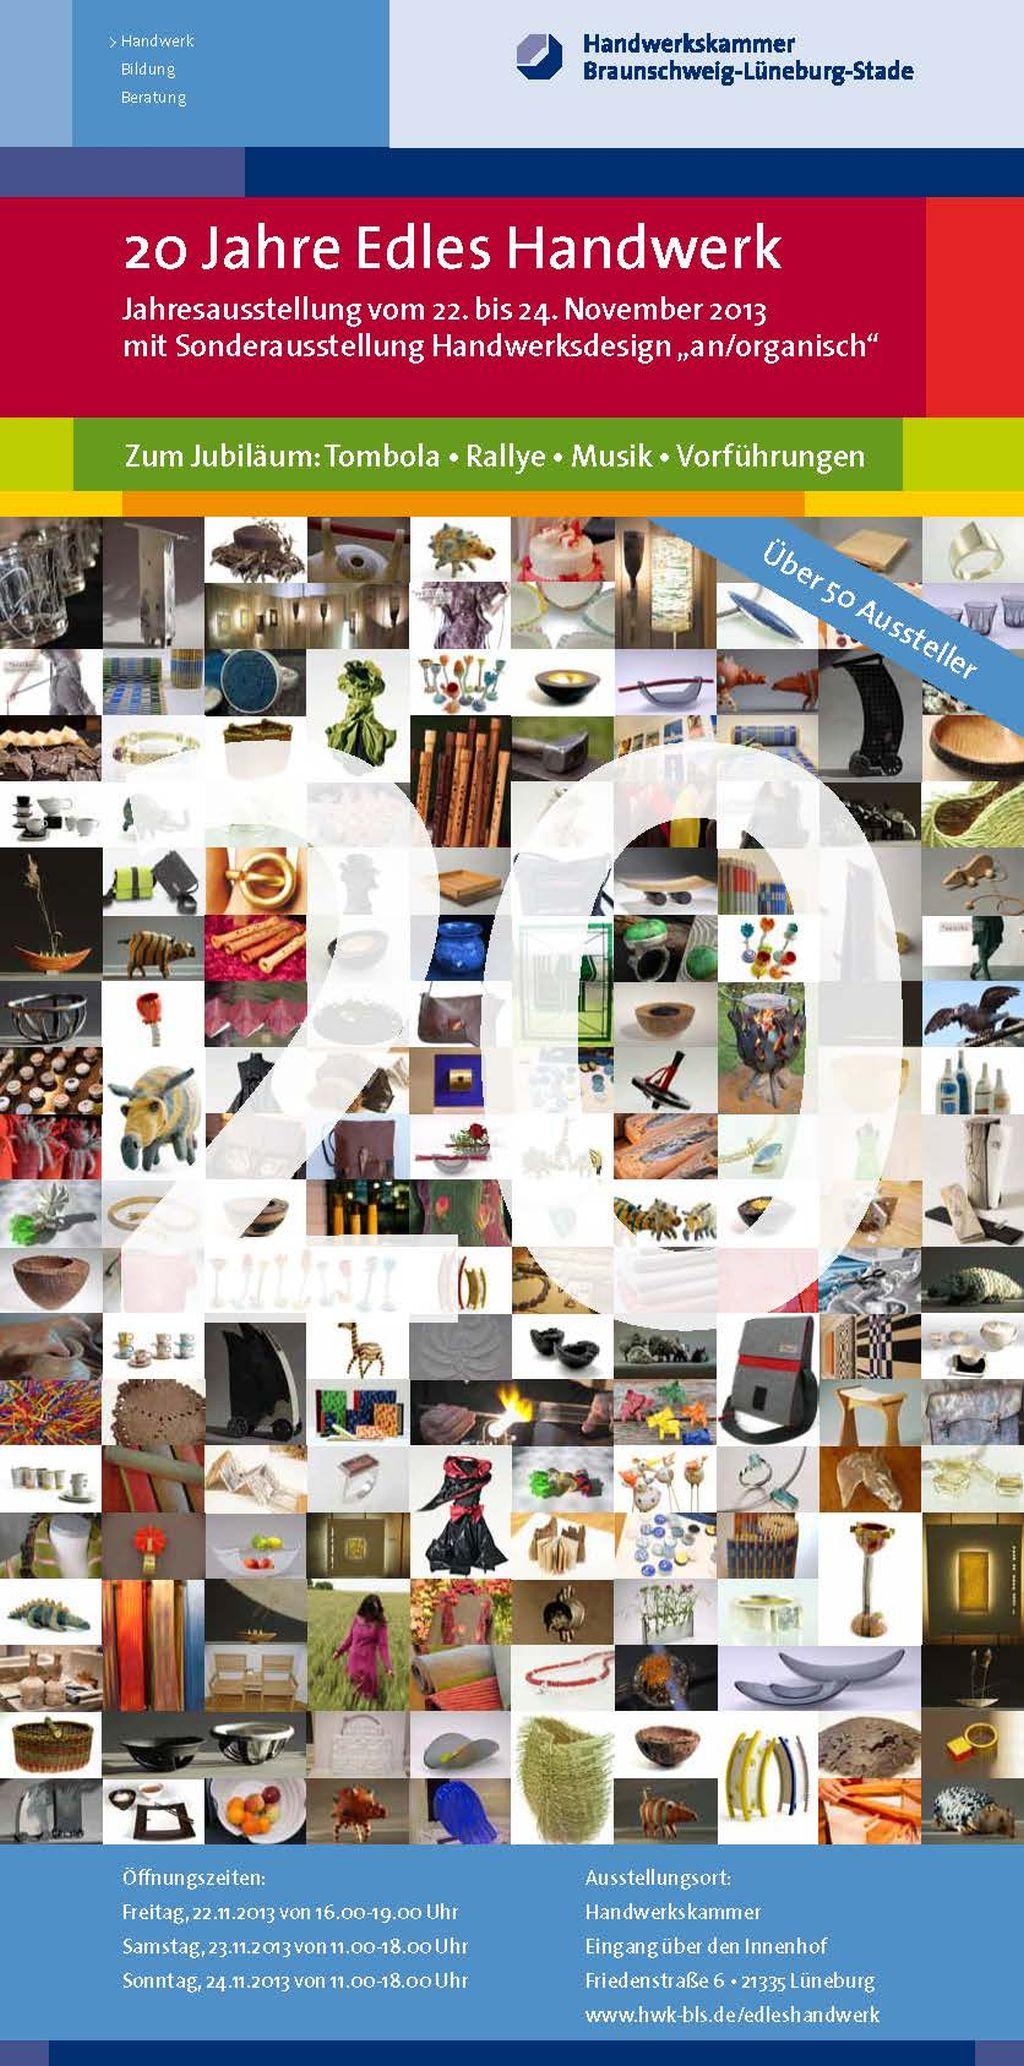 Sonderausstellung 2013 an/organisch - Flyer Edles Handwerk Front